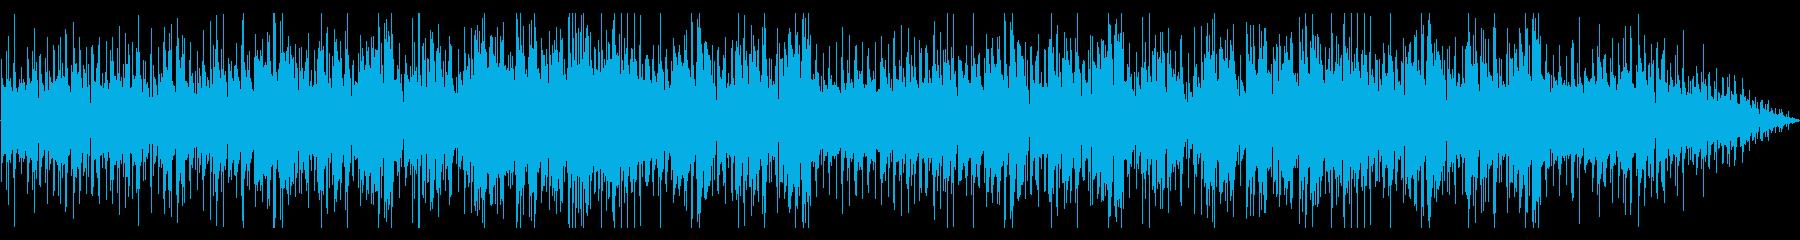 美しい映像に合うピアノ旋律の曲の再生済みの波形